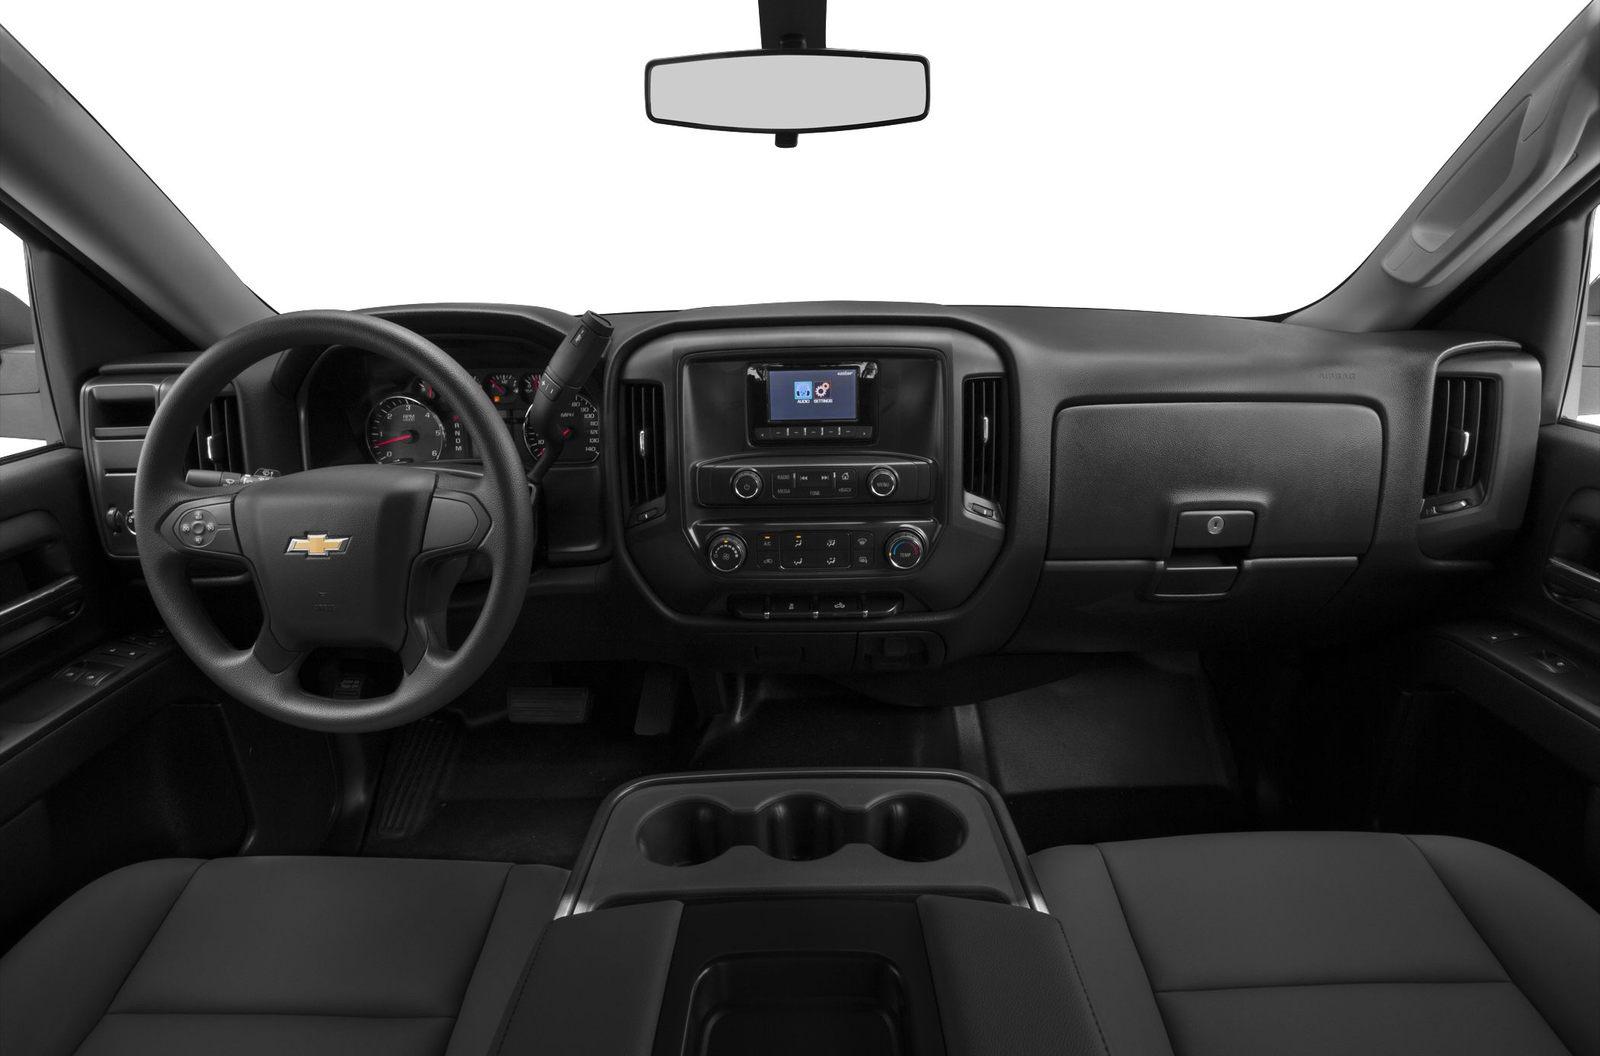 2018 Chevrolet Silverado 2500HD Deals, Prices, Incentives ...